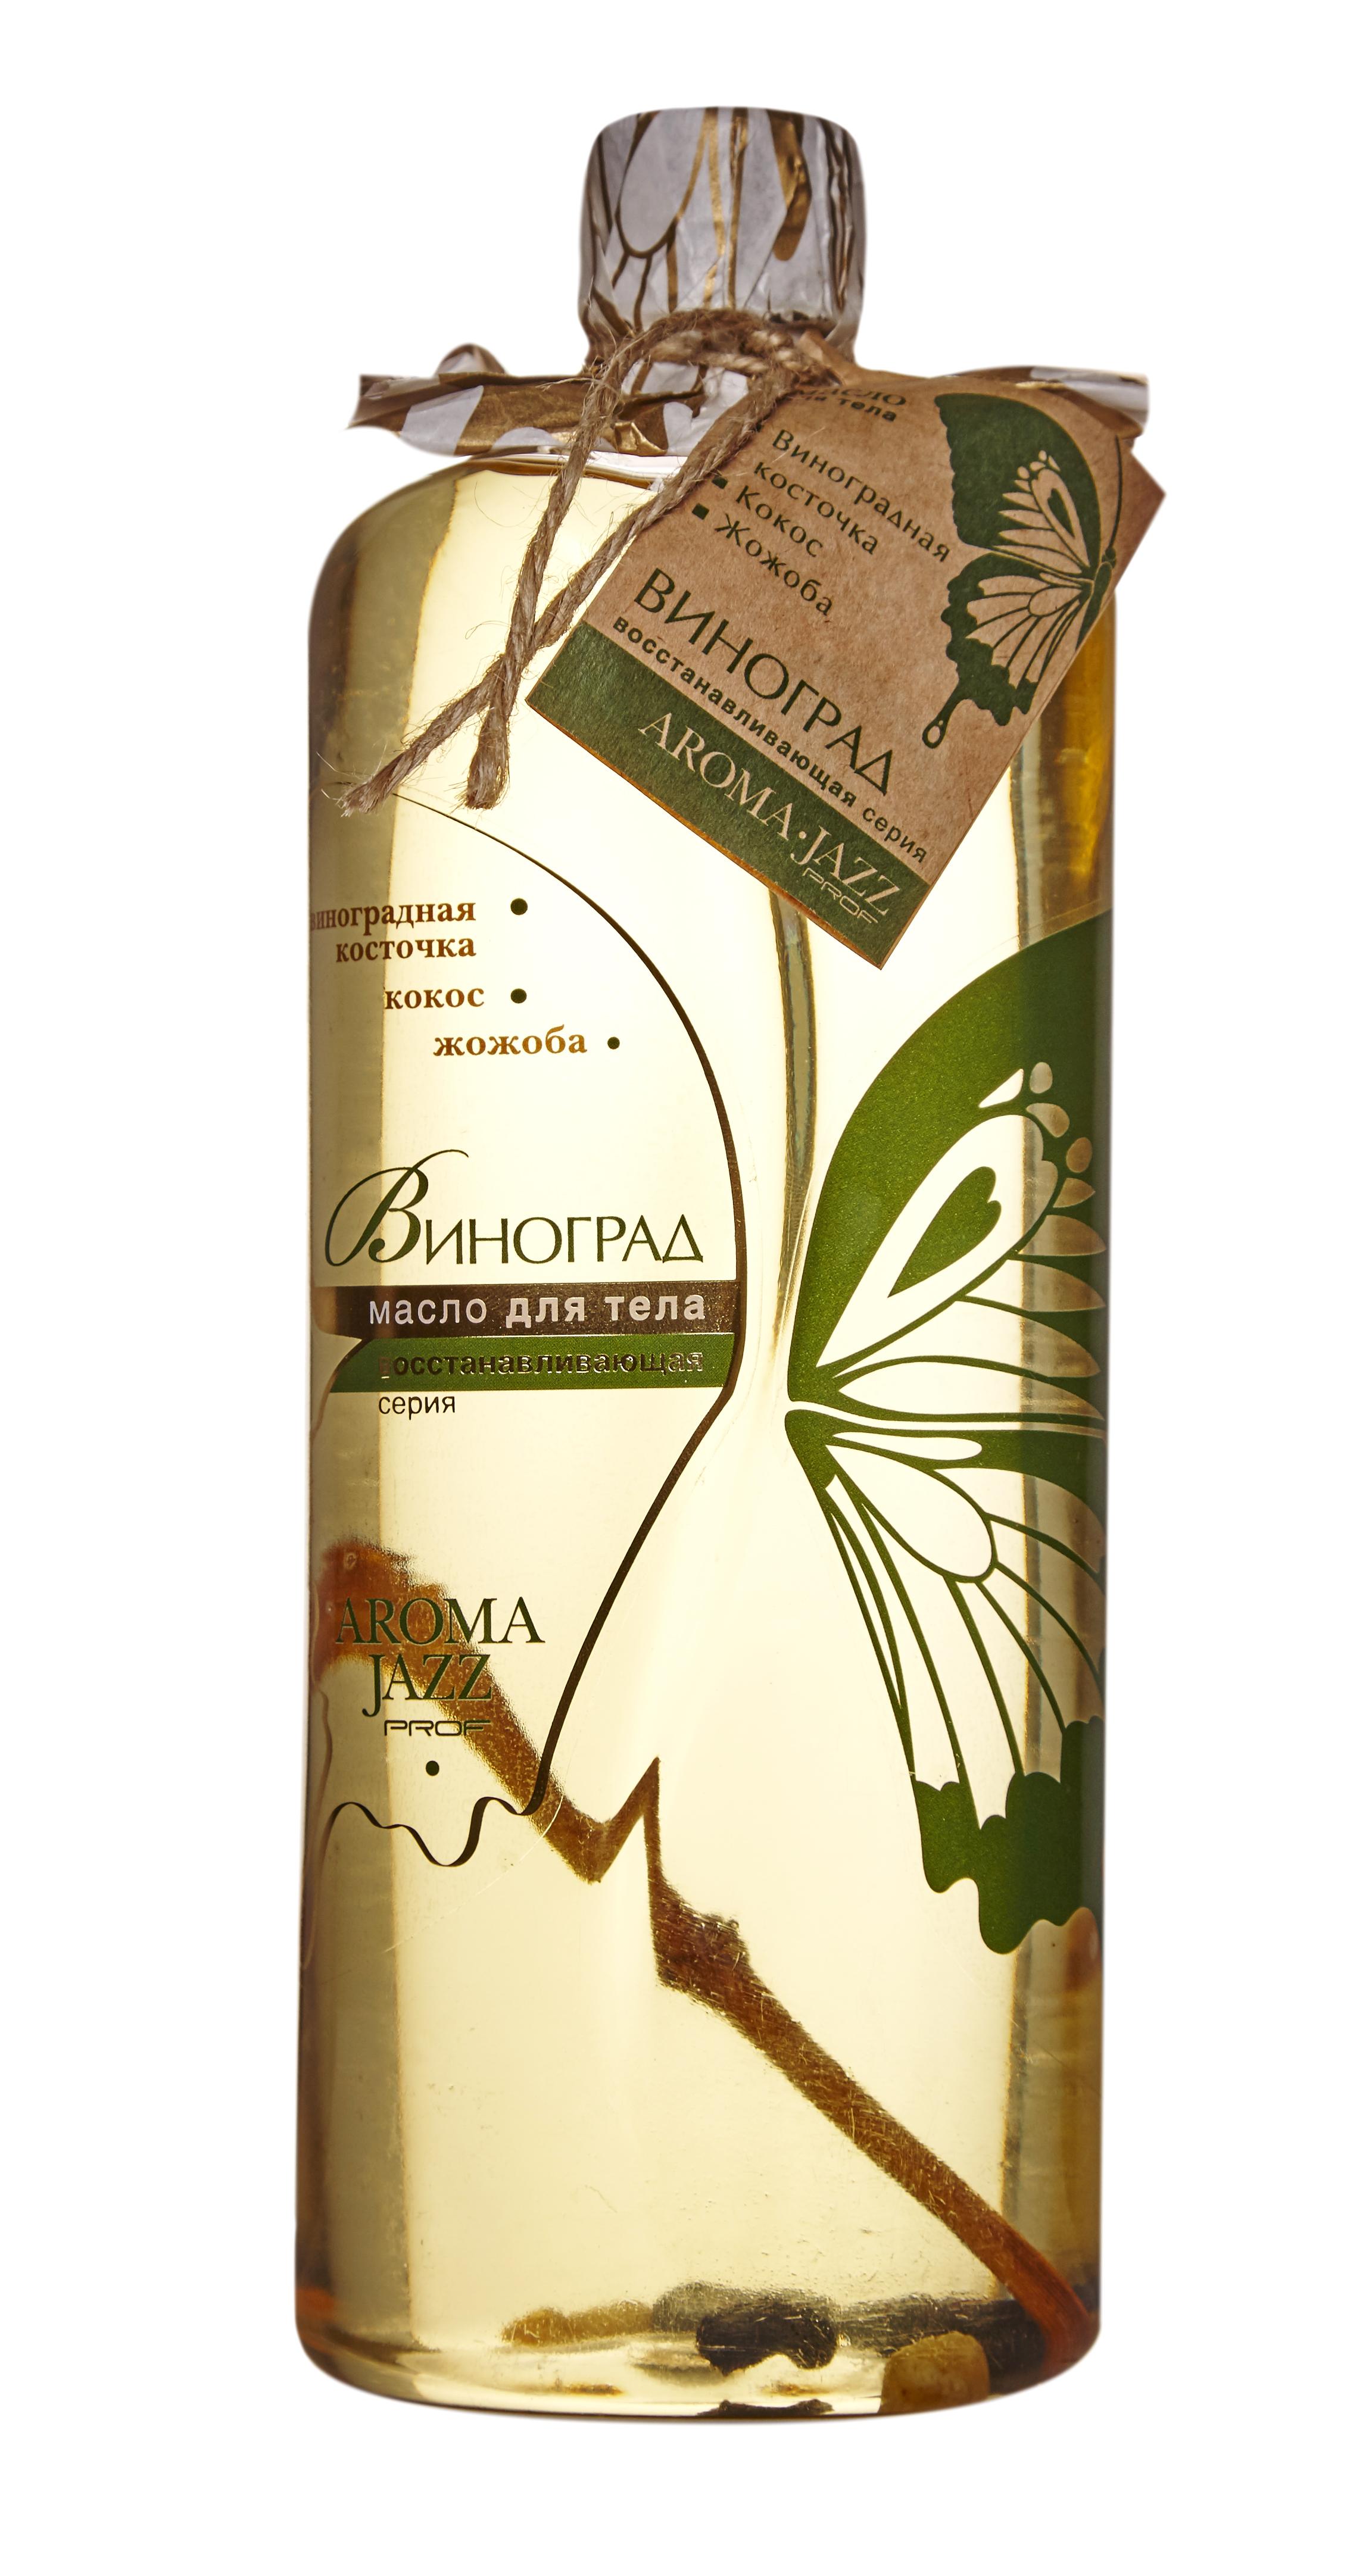 AROMA JAZZ Масло массажное жидкое для тела Виноград 1000мл